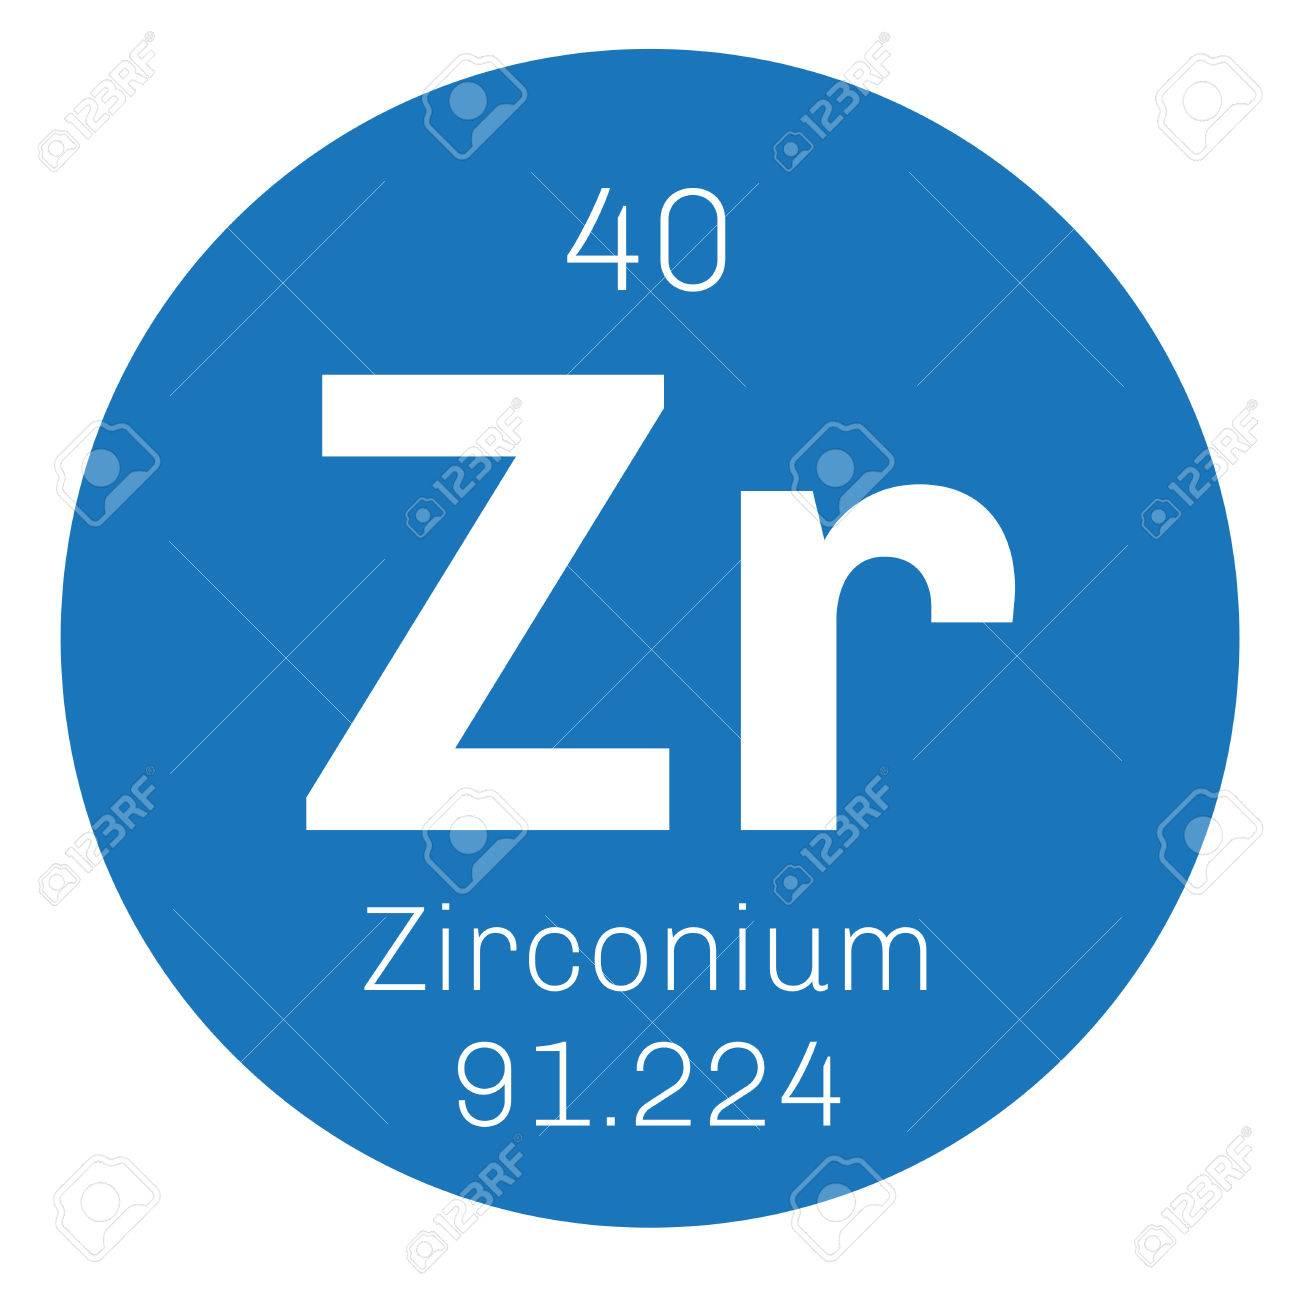 Zirconio elemento qumico el circonio es un metal de transicin el circonio es un metal de transicin icono de color con el nmero atmico y el peso atmico elemento qumico de la tabla peridica urtaz Choice Image